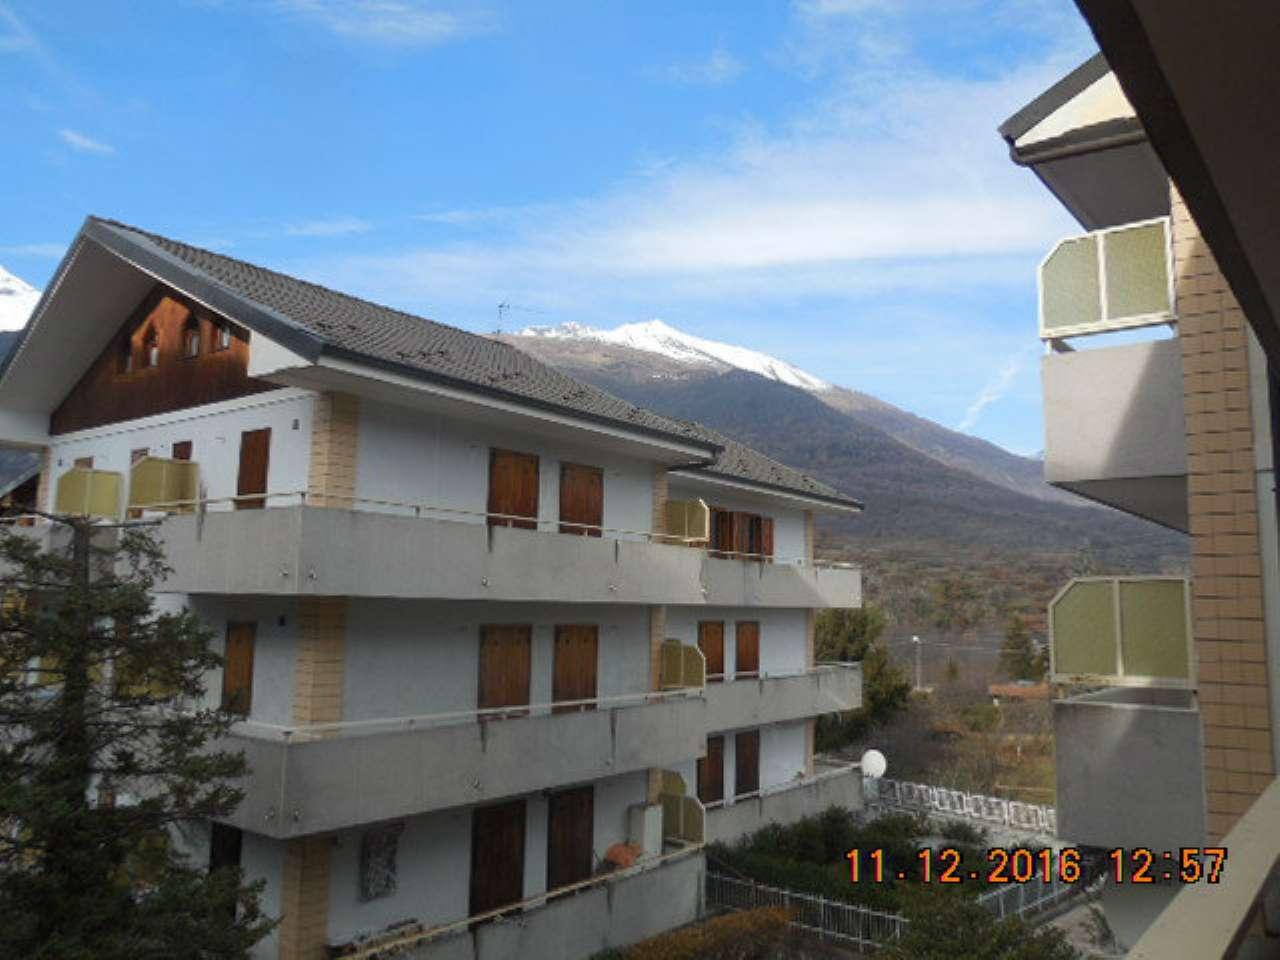 Appartamento in vendita a Gravere, 2 locali, prezzo € 50.000 | CambioCasa.it